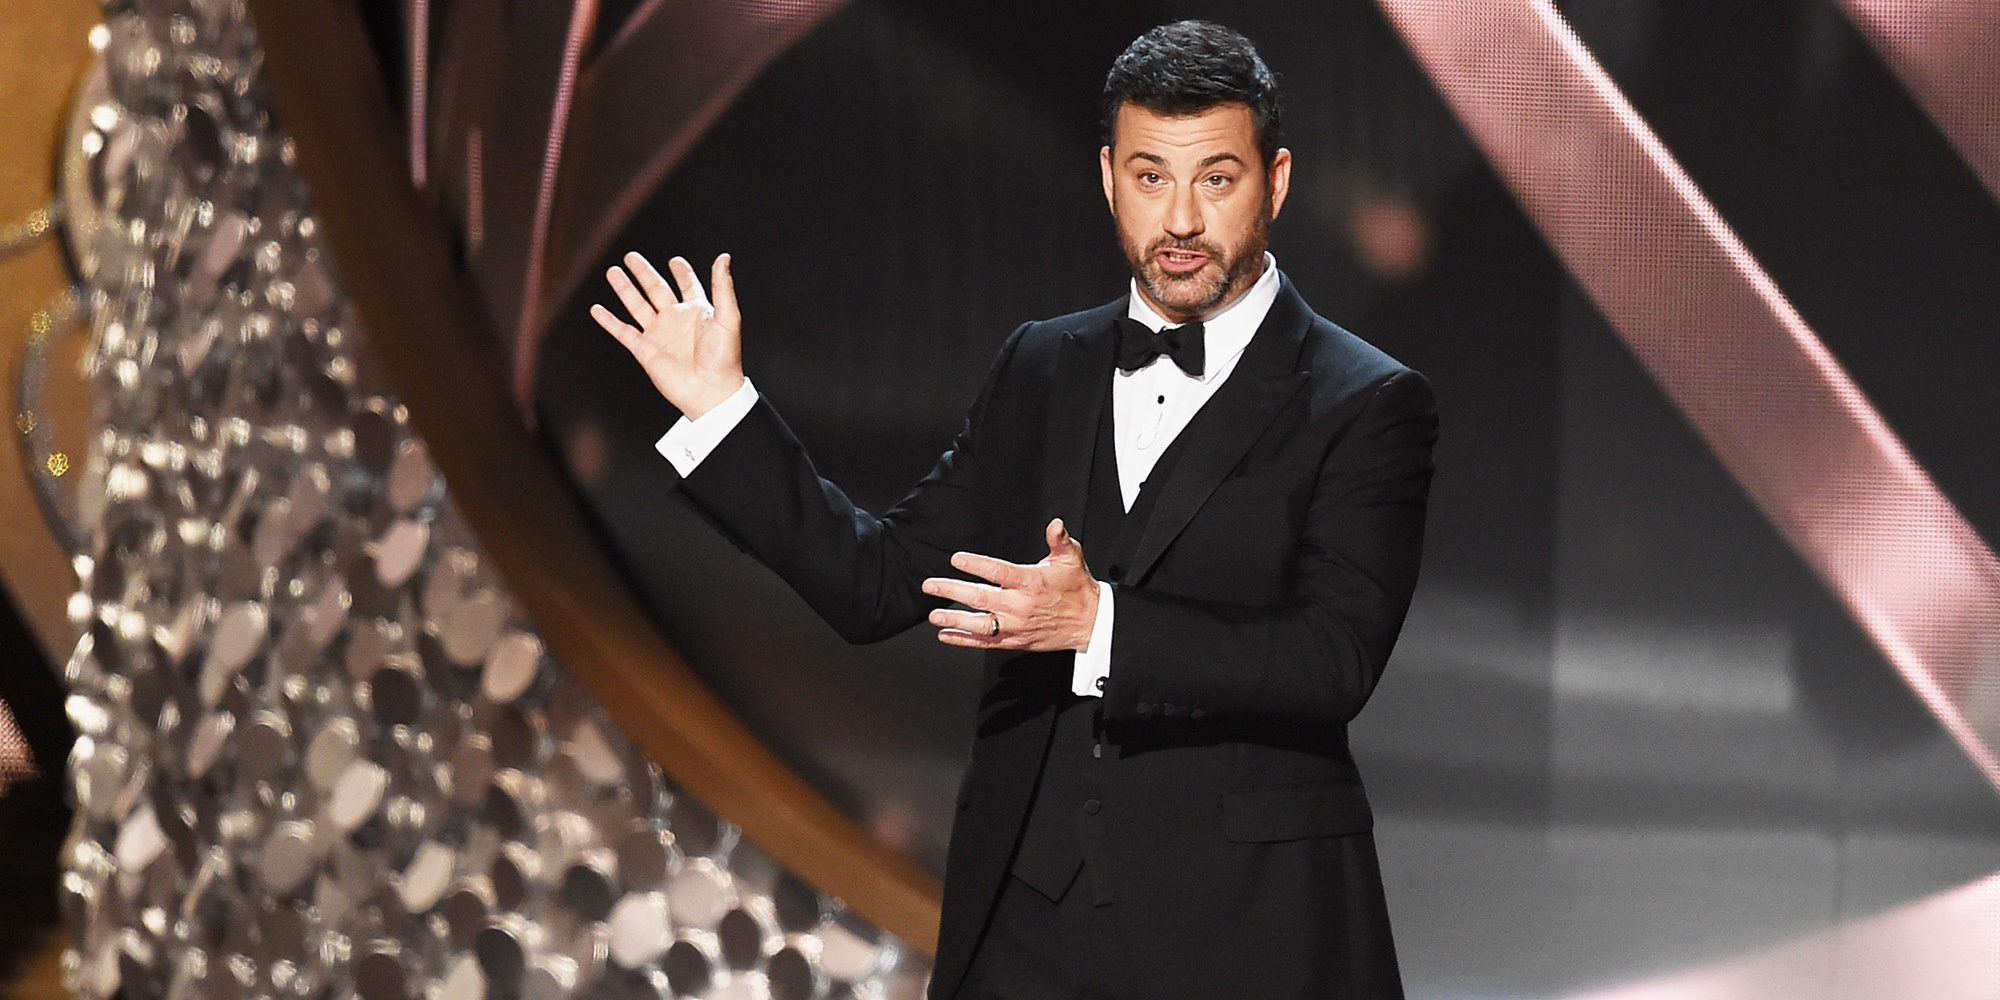 Jimmy Kimmel reaparece en su programa acompañado de su hijo Billy